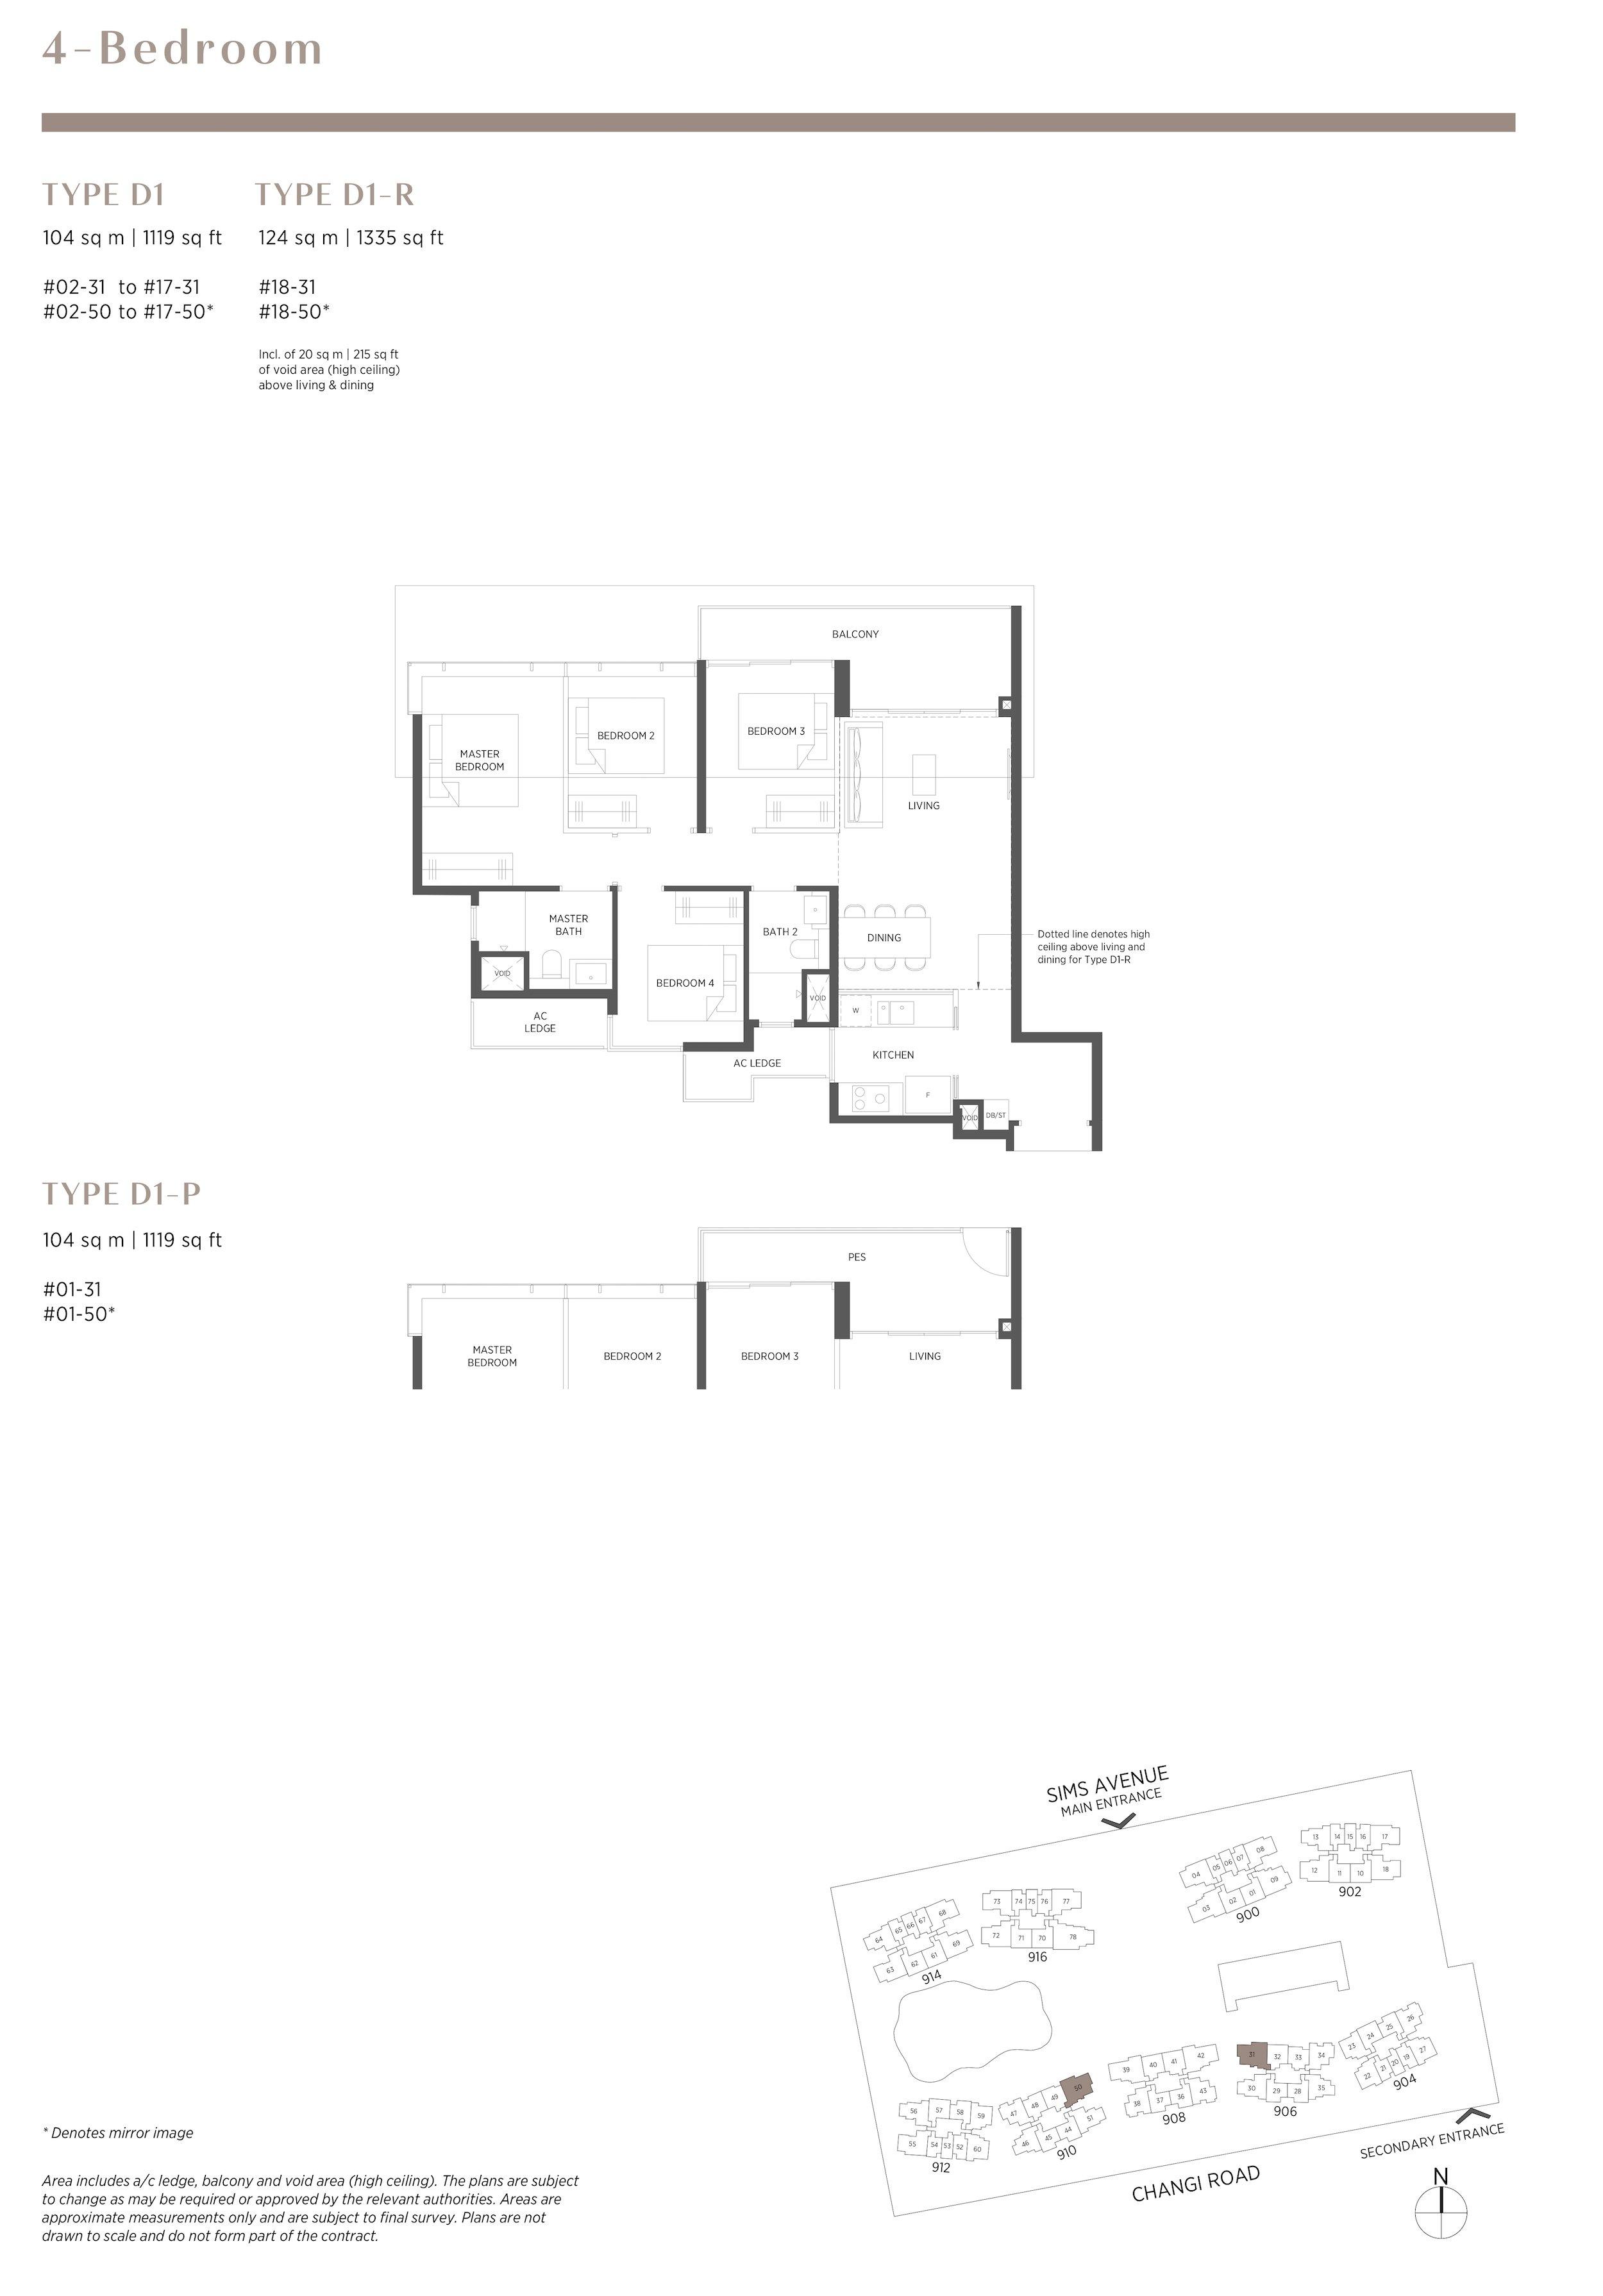 Parc Esta 东景苑 4 bedroom 4卧房 D1